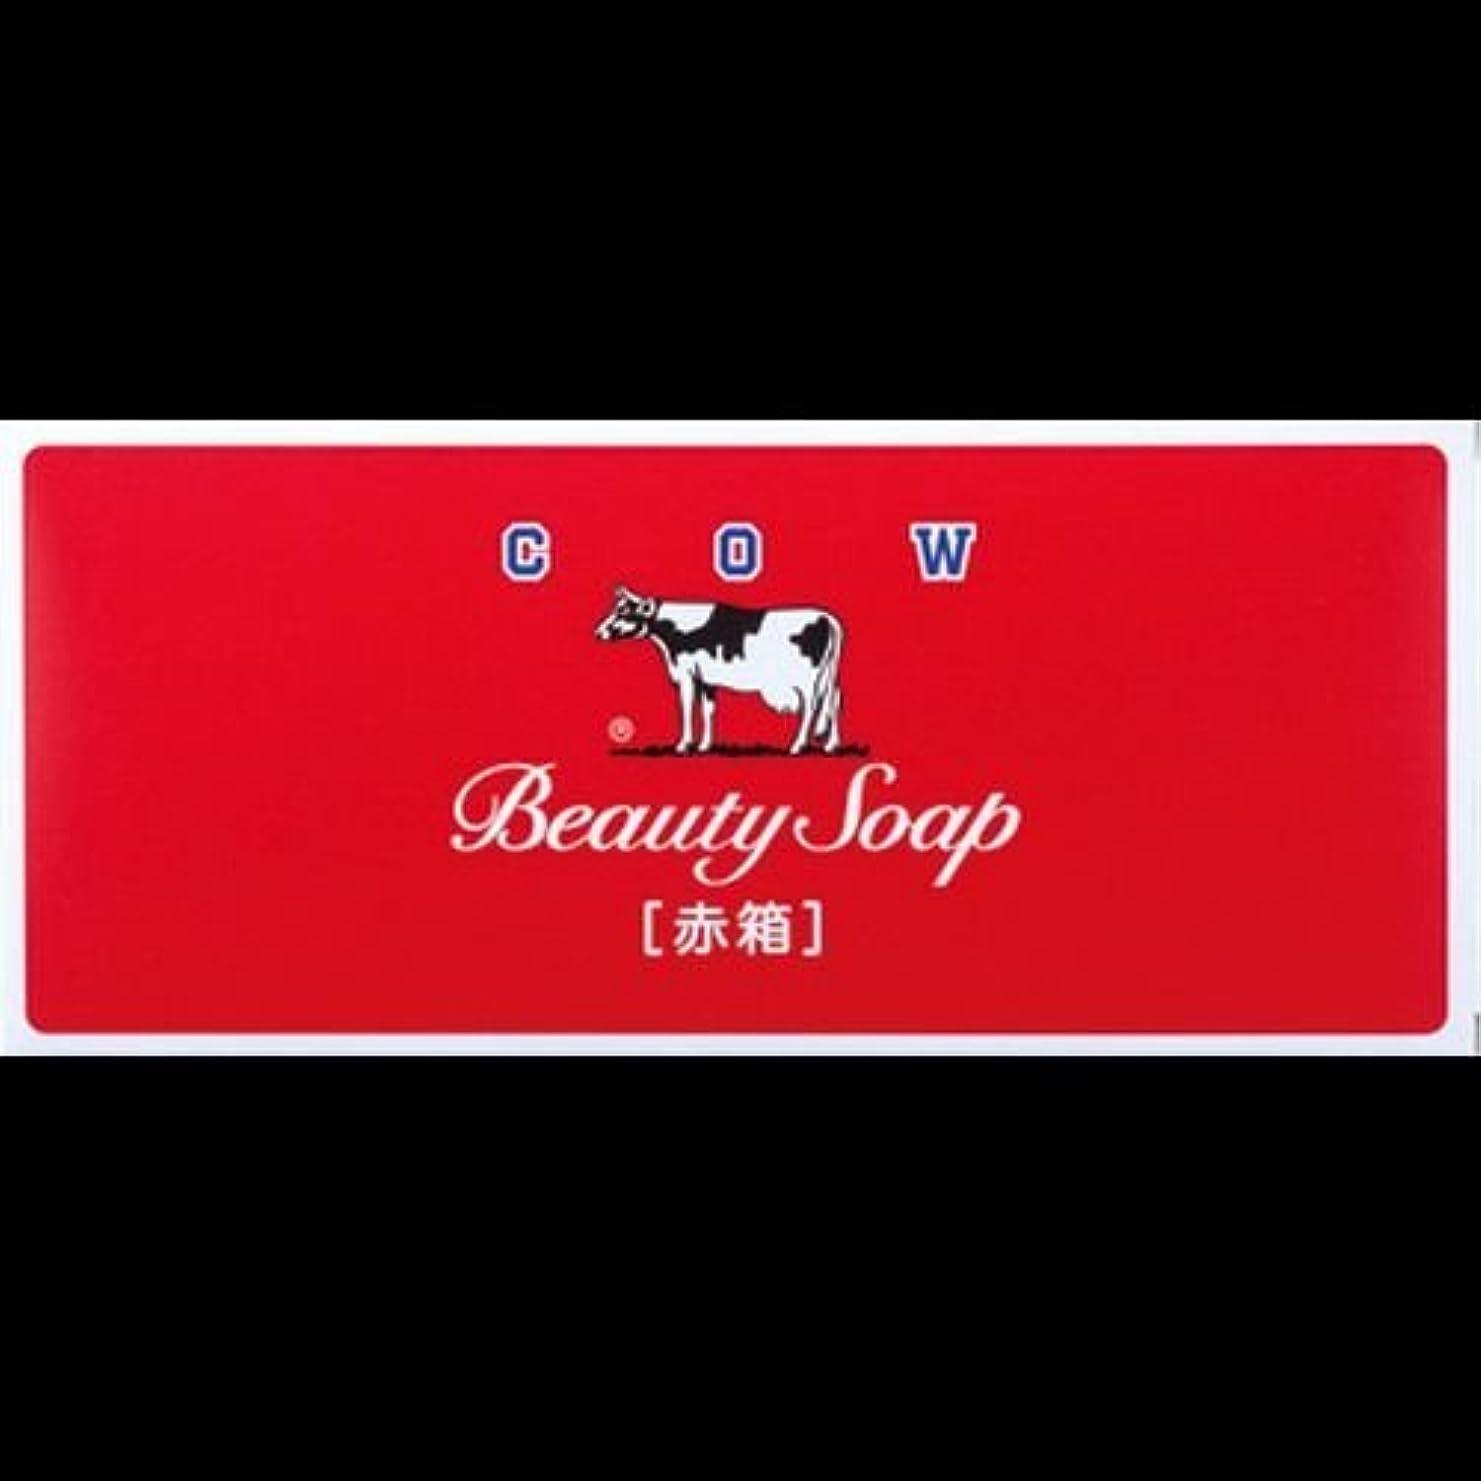 二層スティックブロック【まとめ買い】カウブランド石鹸 赤箱100g*6個 ×2セット